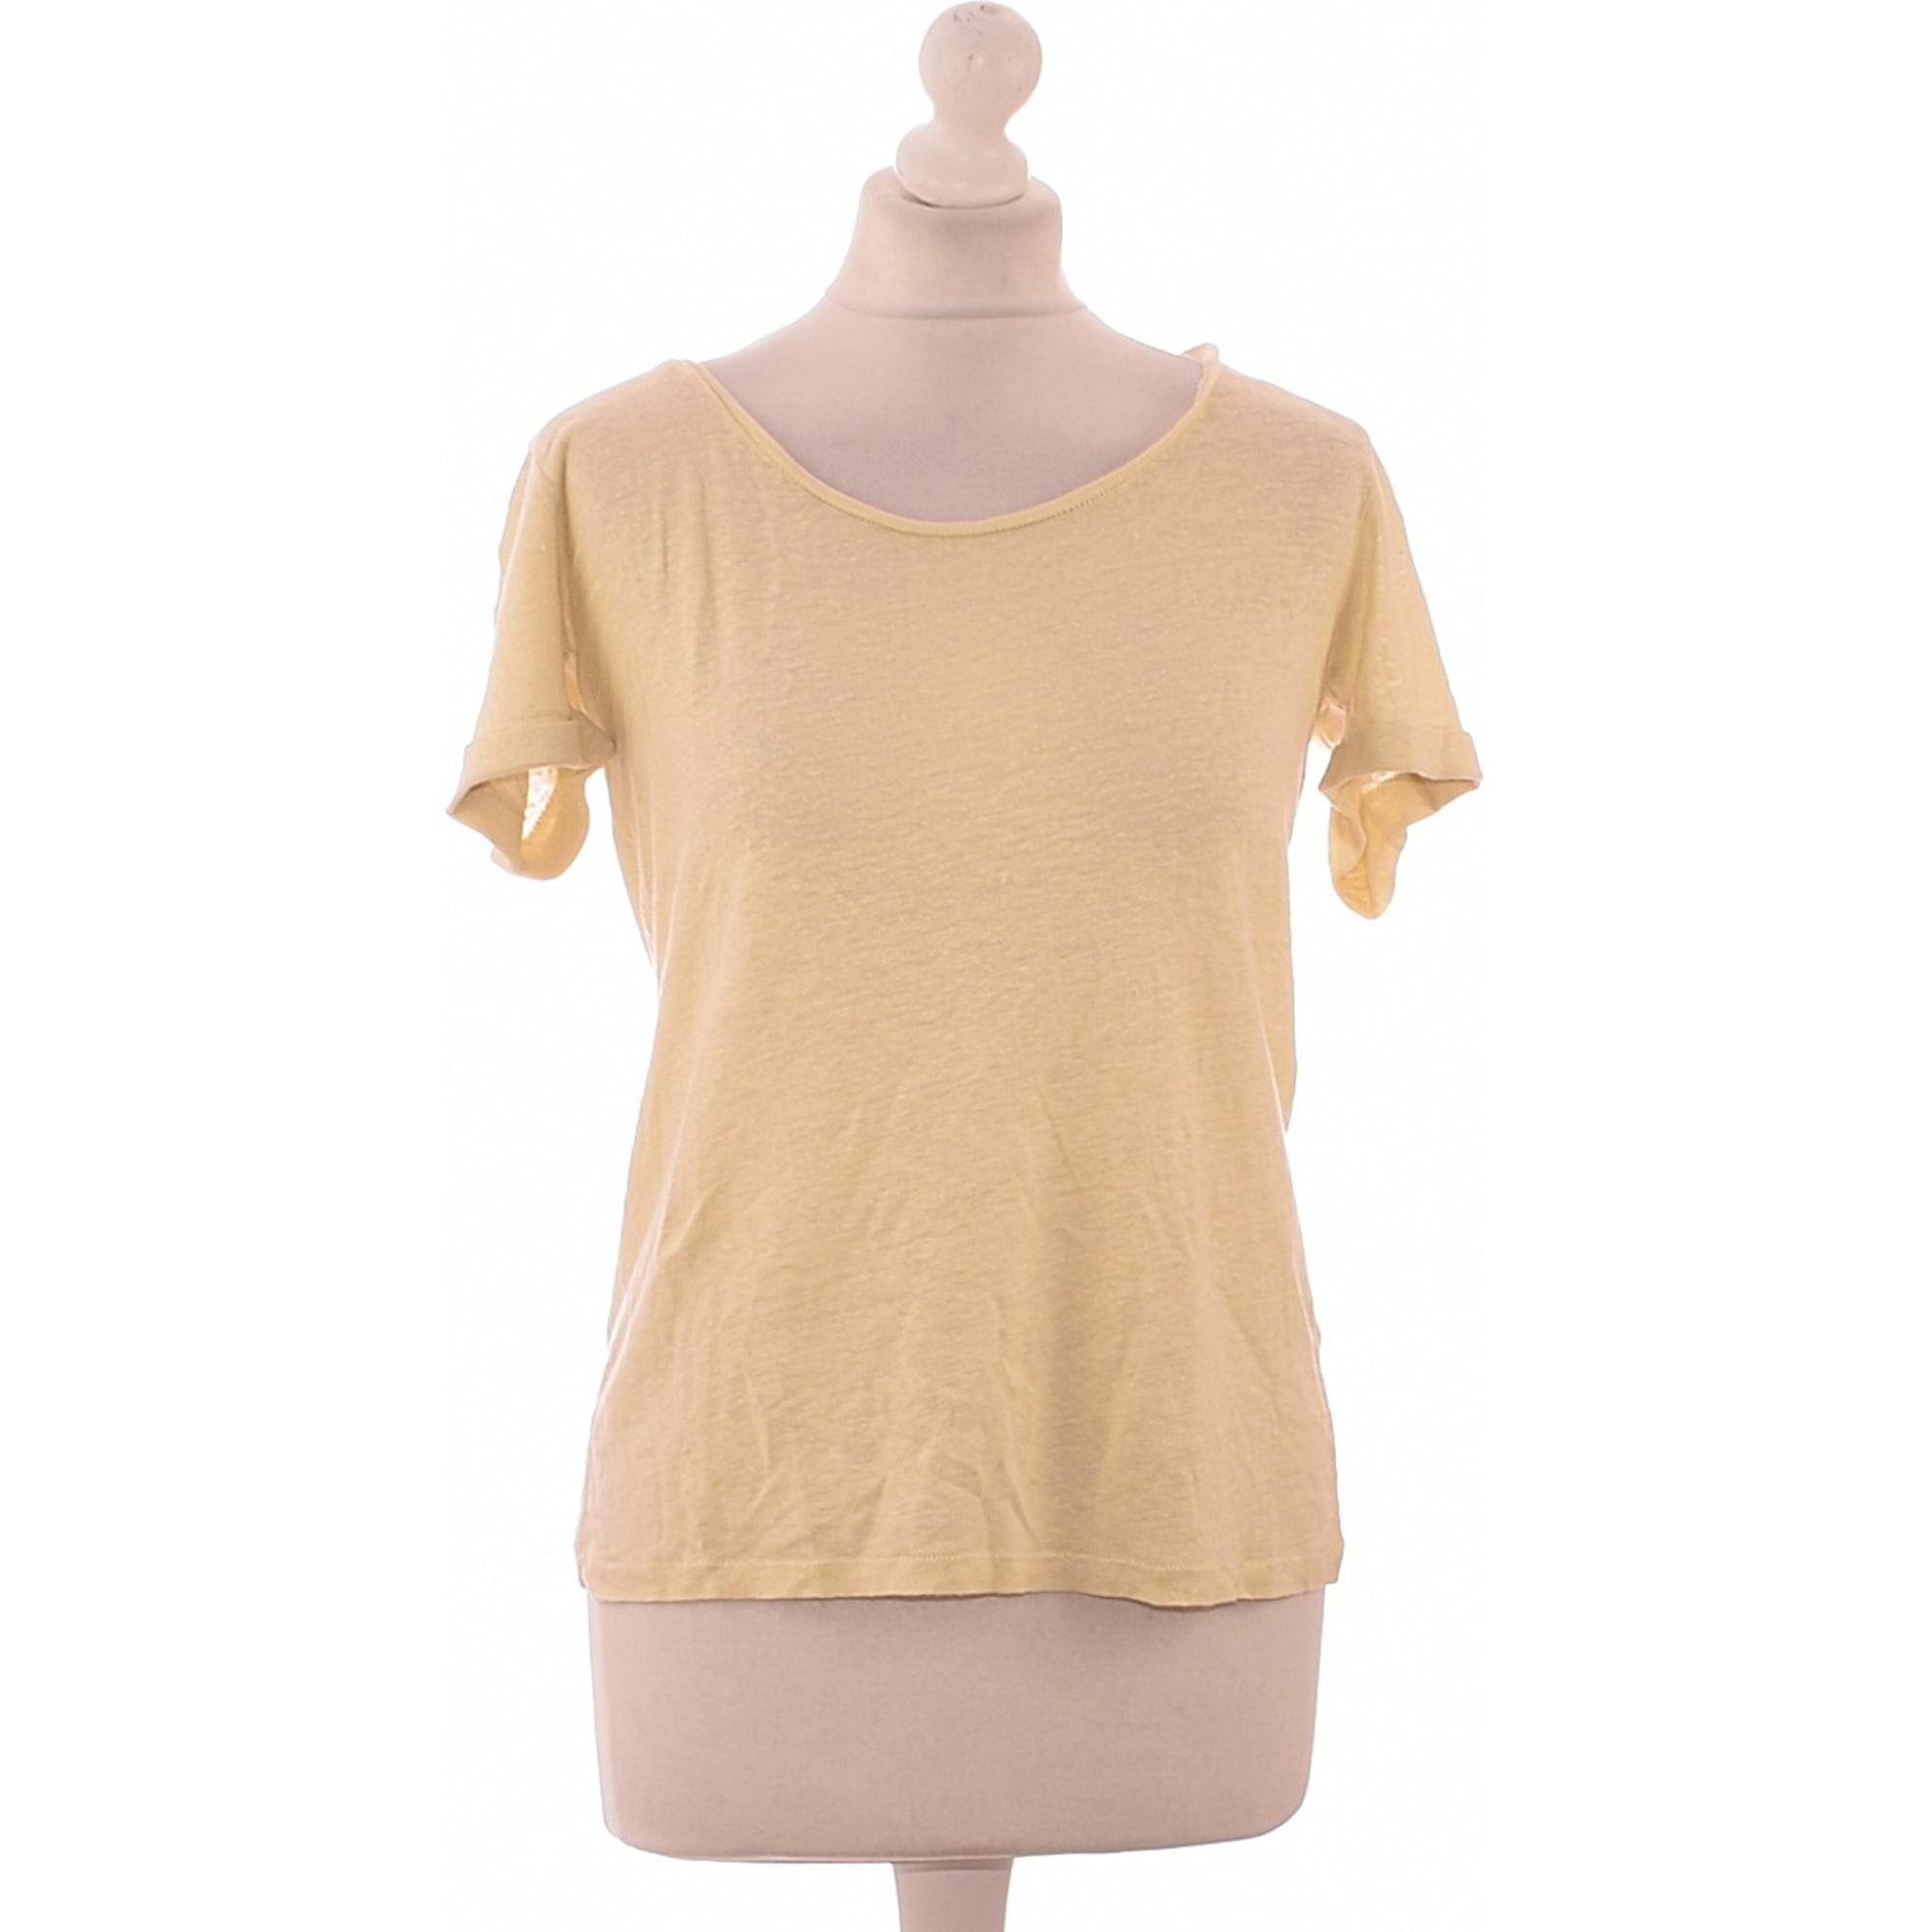 Top, tee-shirt GERARD DAREL Beige, camel